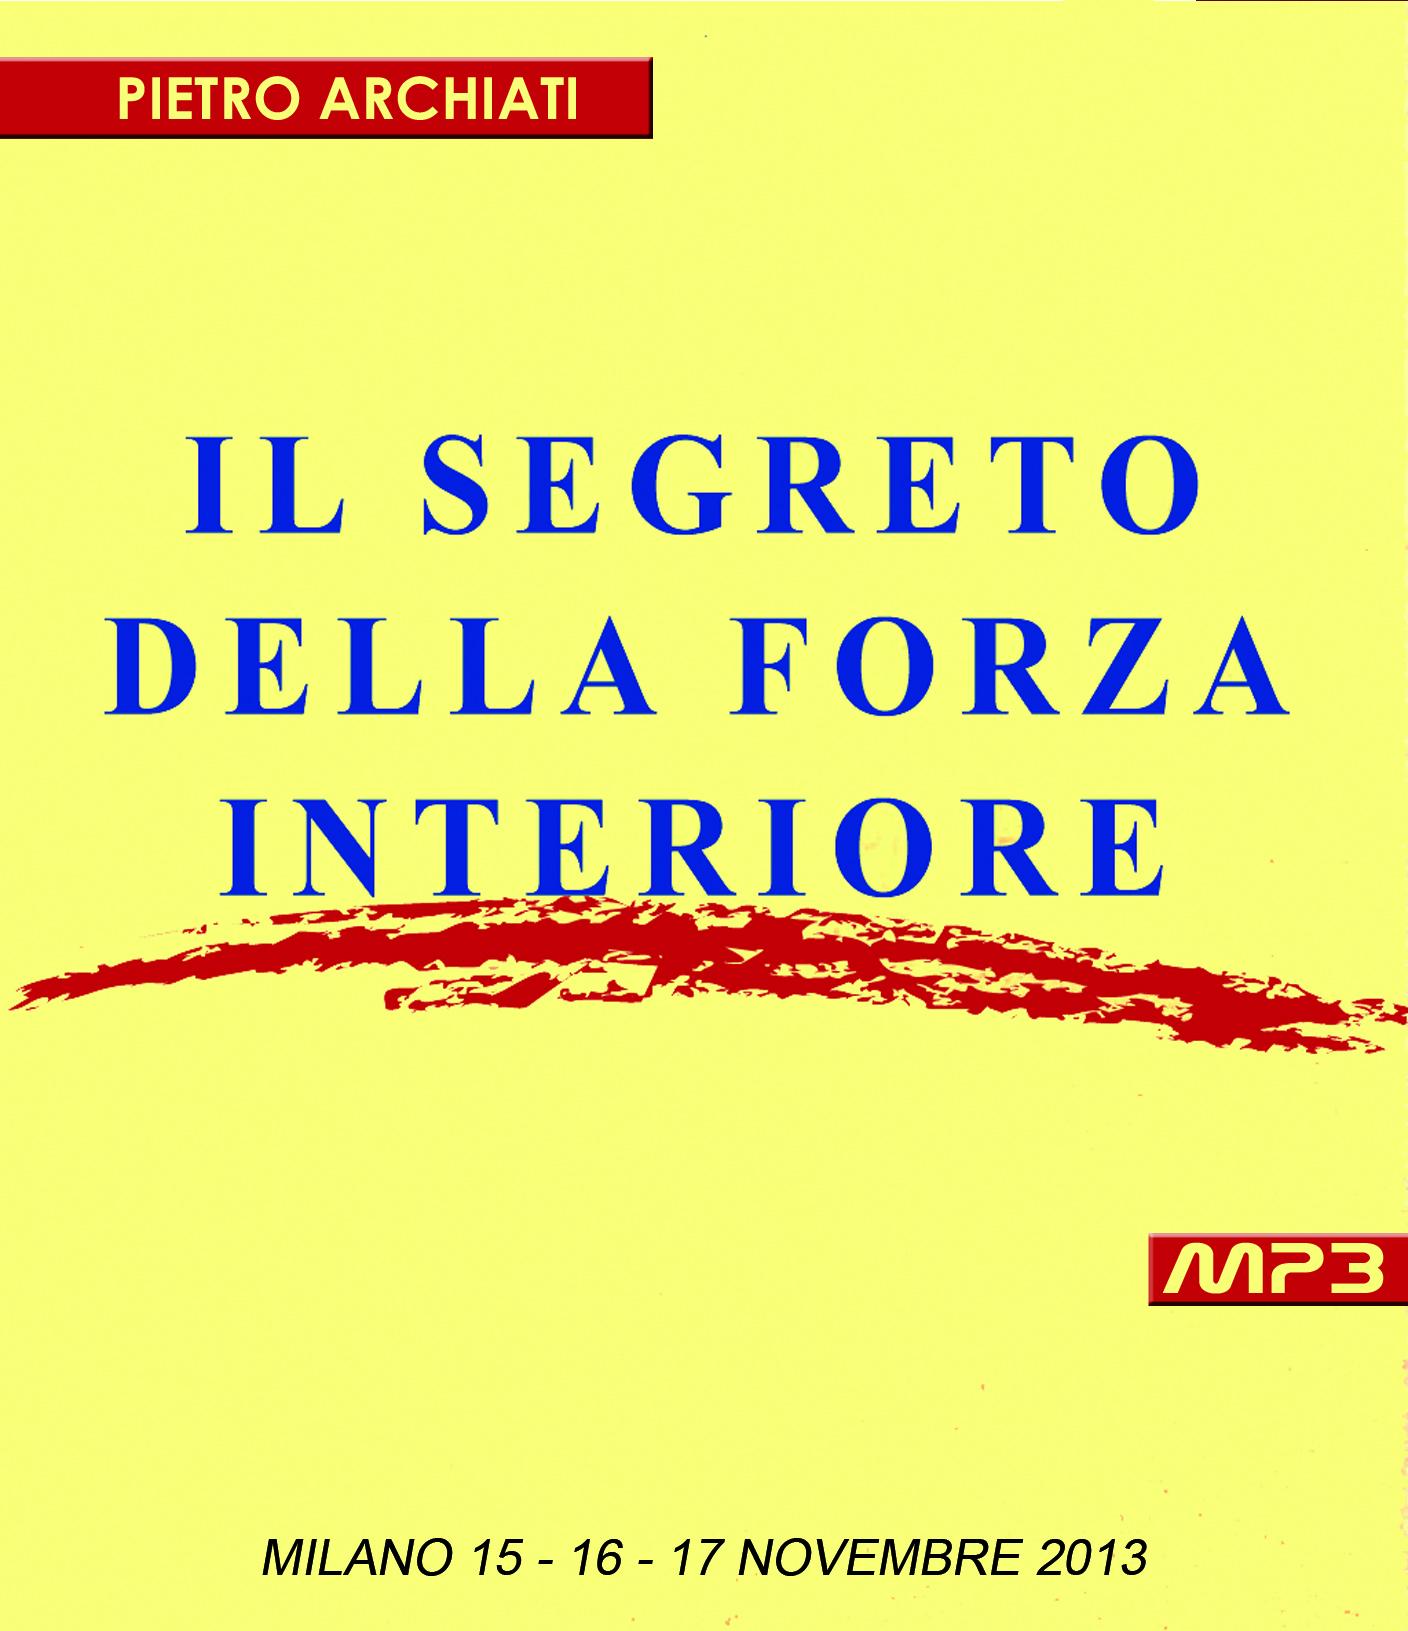 IL SEGRETO DELLA FORZA INTERIORE - Convegno di Scienza dello Spirito - Milano, dal 15 al 17 Novembre 2013